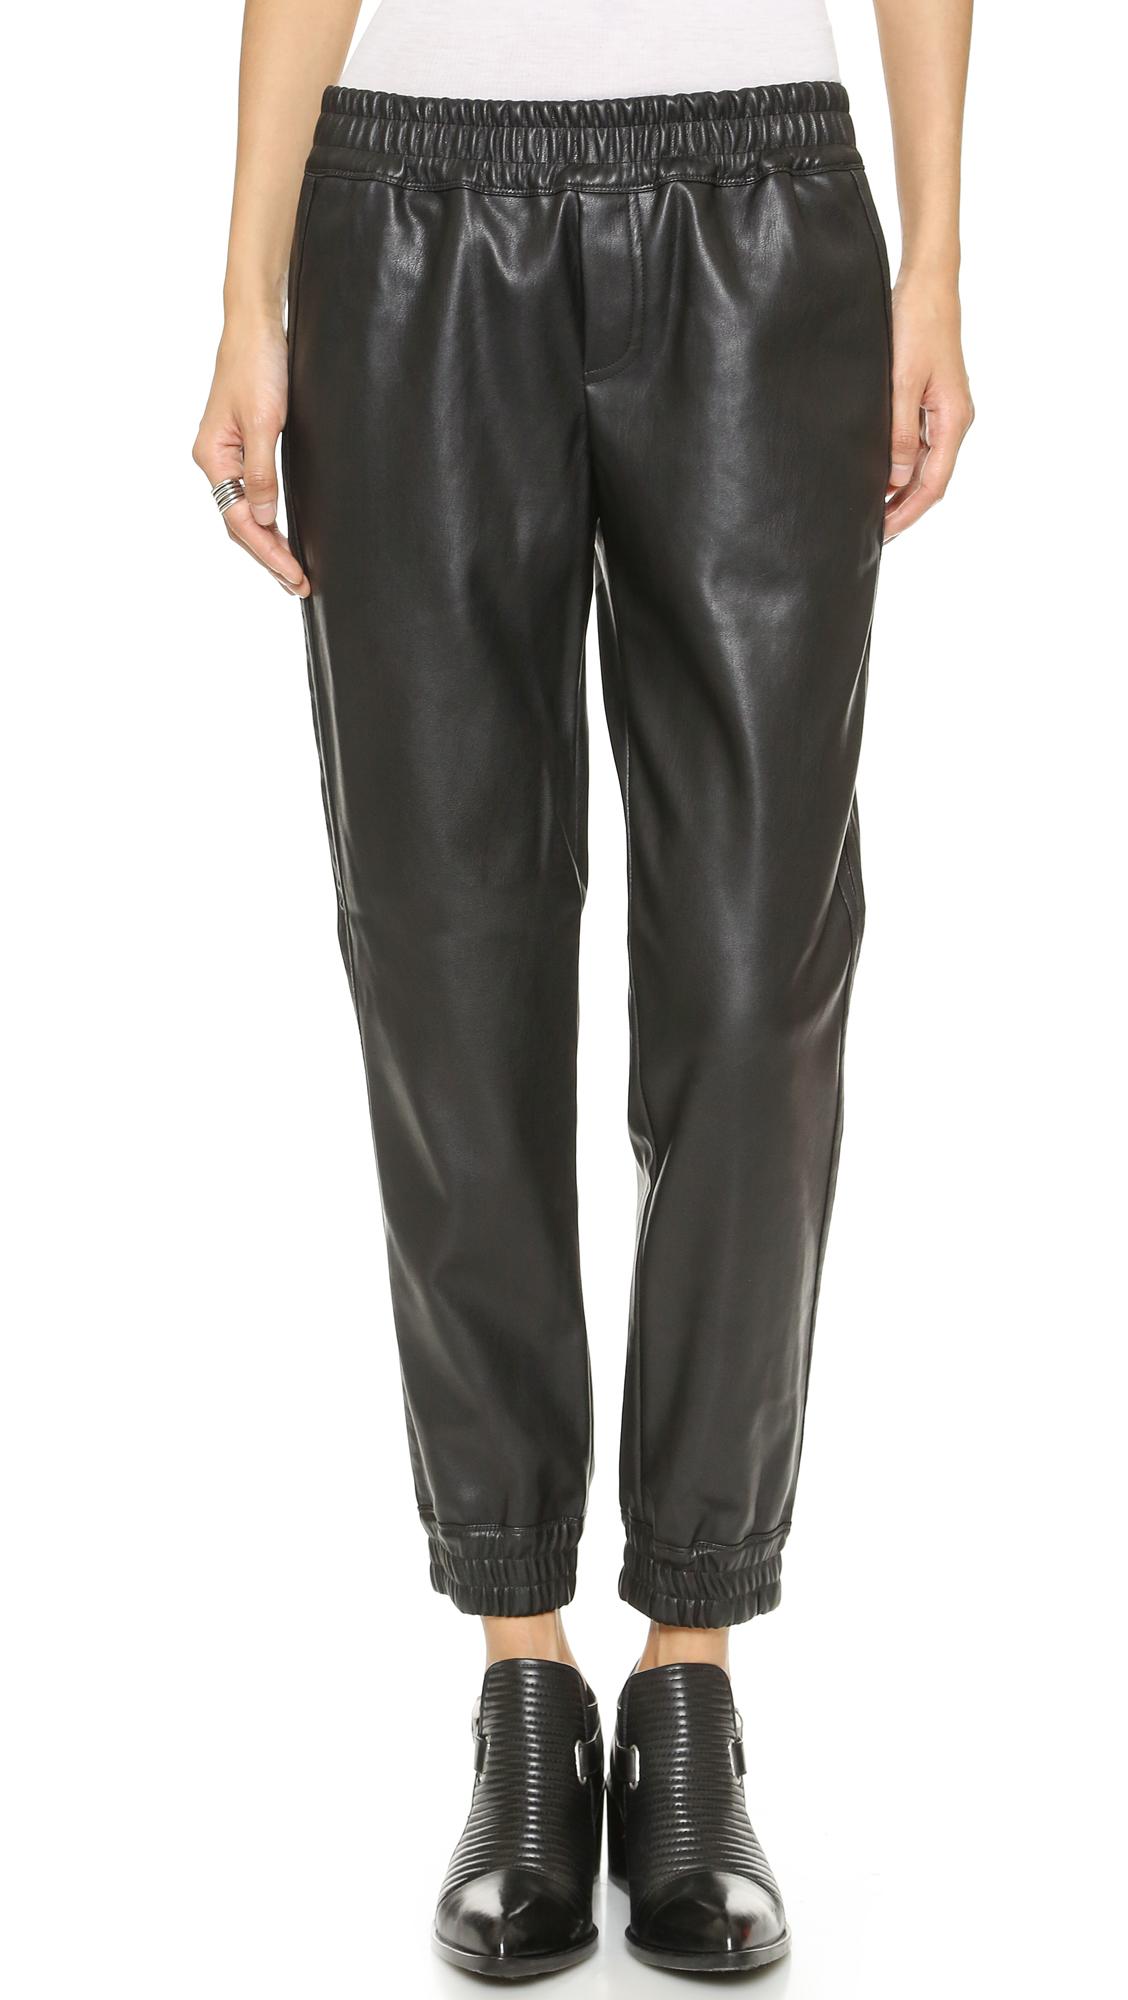 Black Faux Leather Bebe Elastic Waist Joggers Size L Harmonious Colors Clothing, Shoes & Accessories